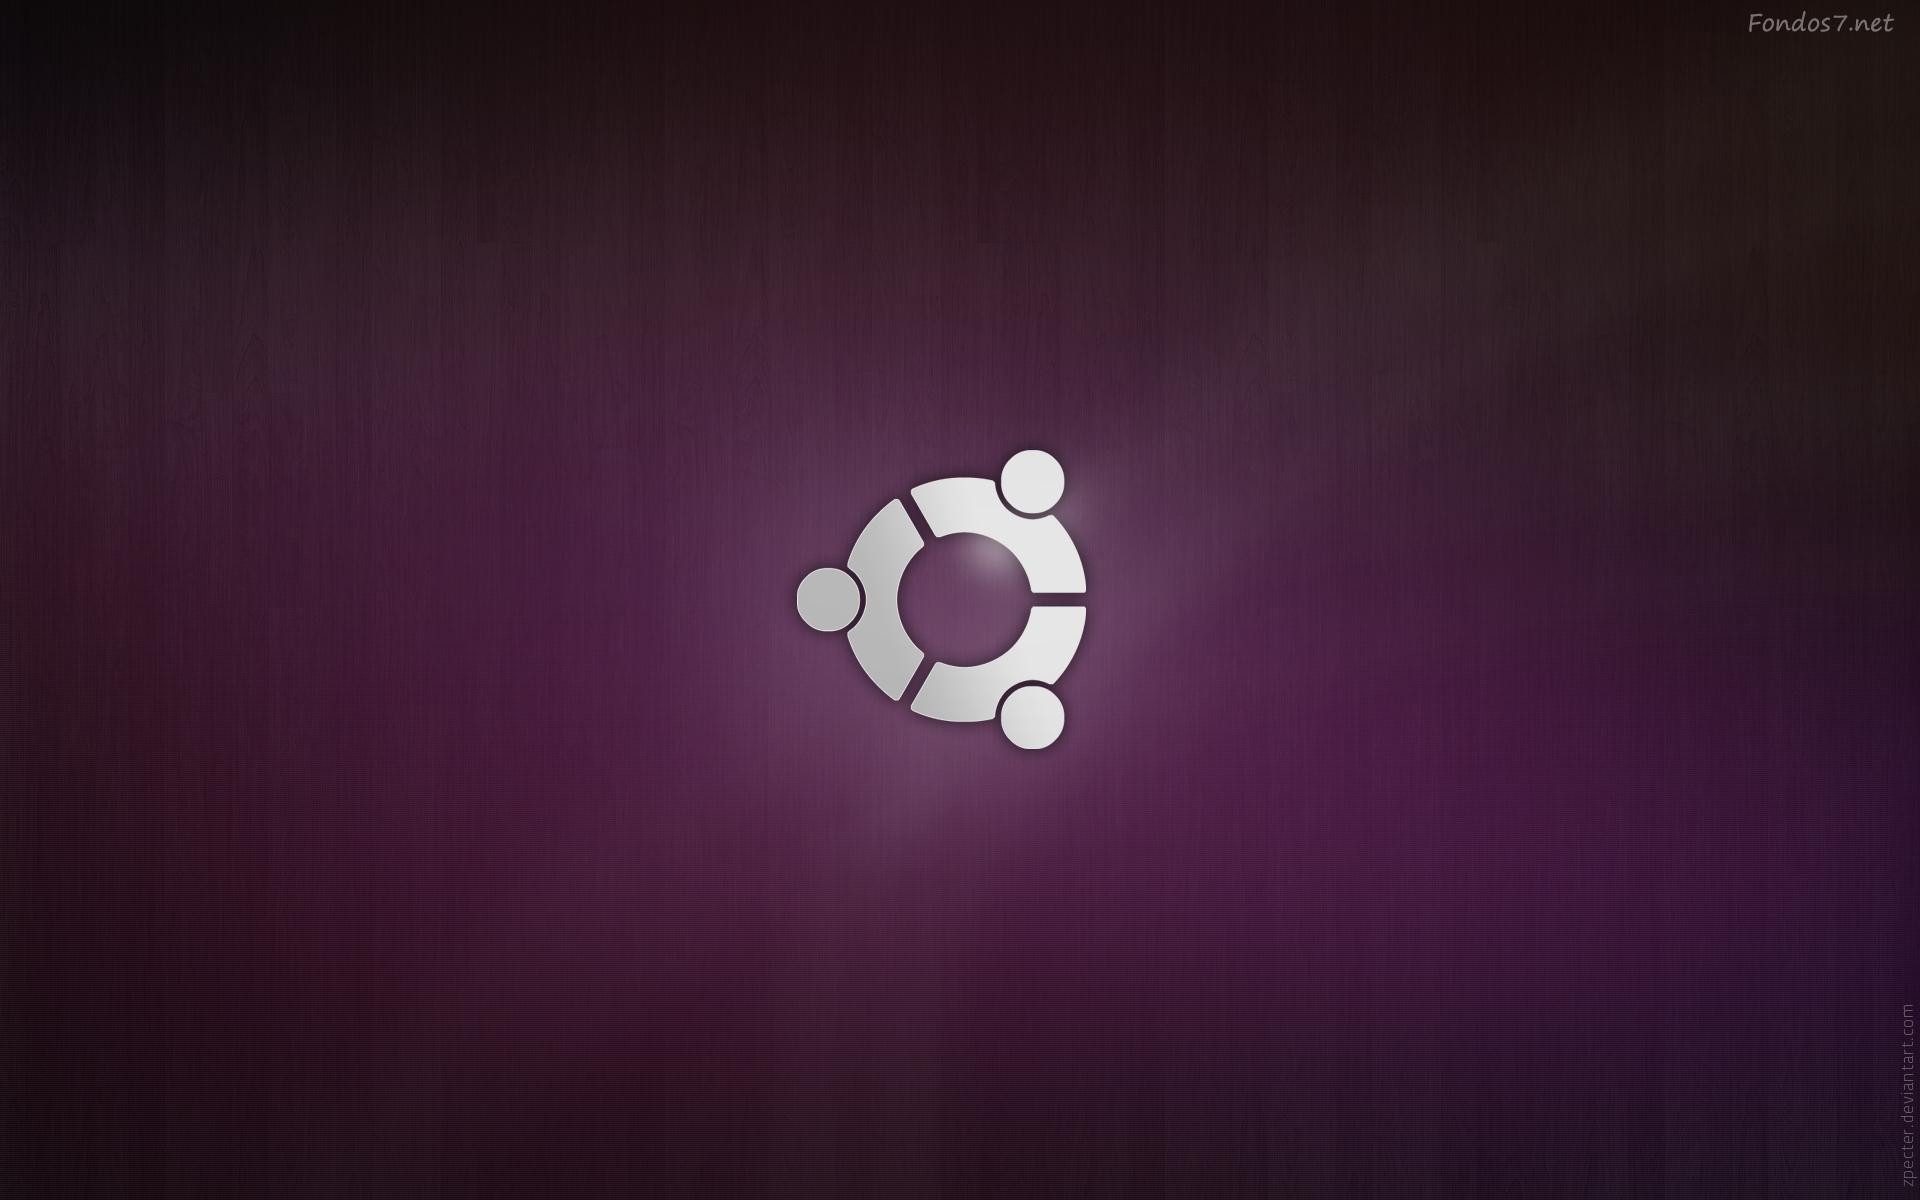 fondos7netwallpaper originalwallpapersubuntu linux final 2534jpg 1920x1200